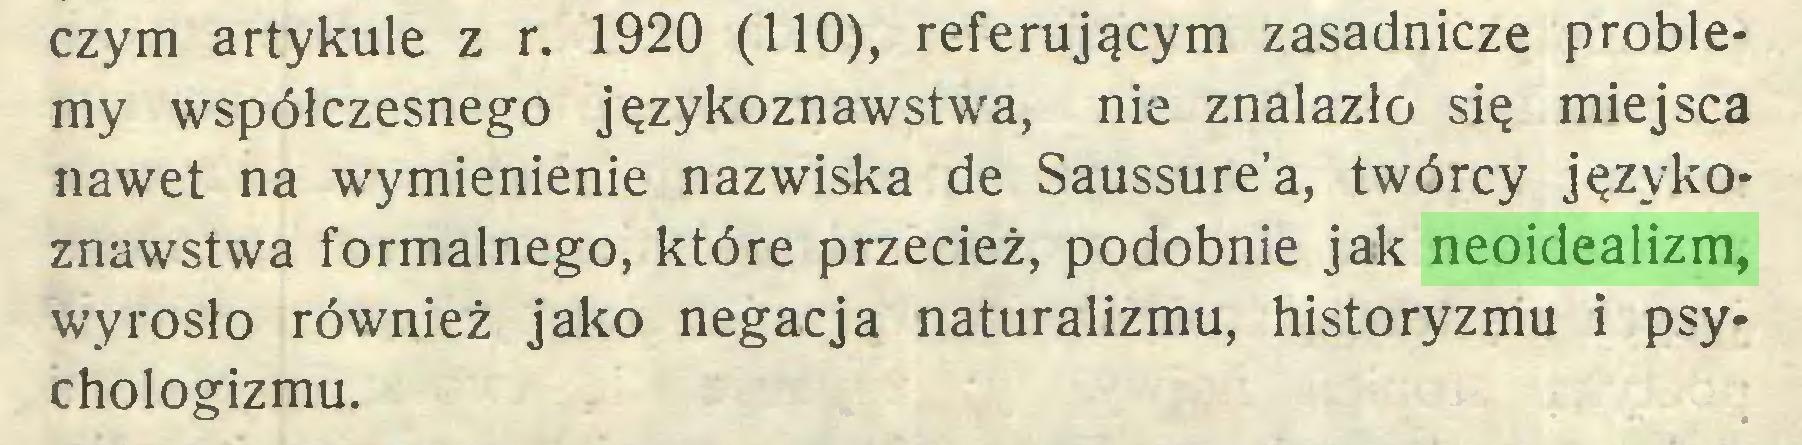 (...) czym artykule z r. 1920 (110), referującym zasadnicze problemy współczesnego językoznawstwa, nie znalazło się miejsca nawet na wymienienie nazwiska de Saussurea, twórcy językoznawstwa formalnego, które przecież, podobnie jak neoidealizm, wyrosło również jako negacja naturalizmu, historyzmu i psy* chologizmu...